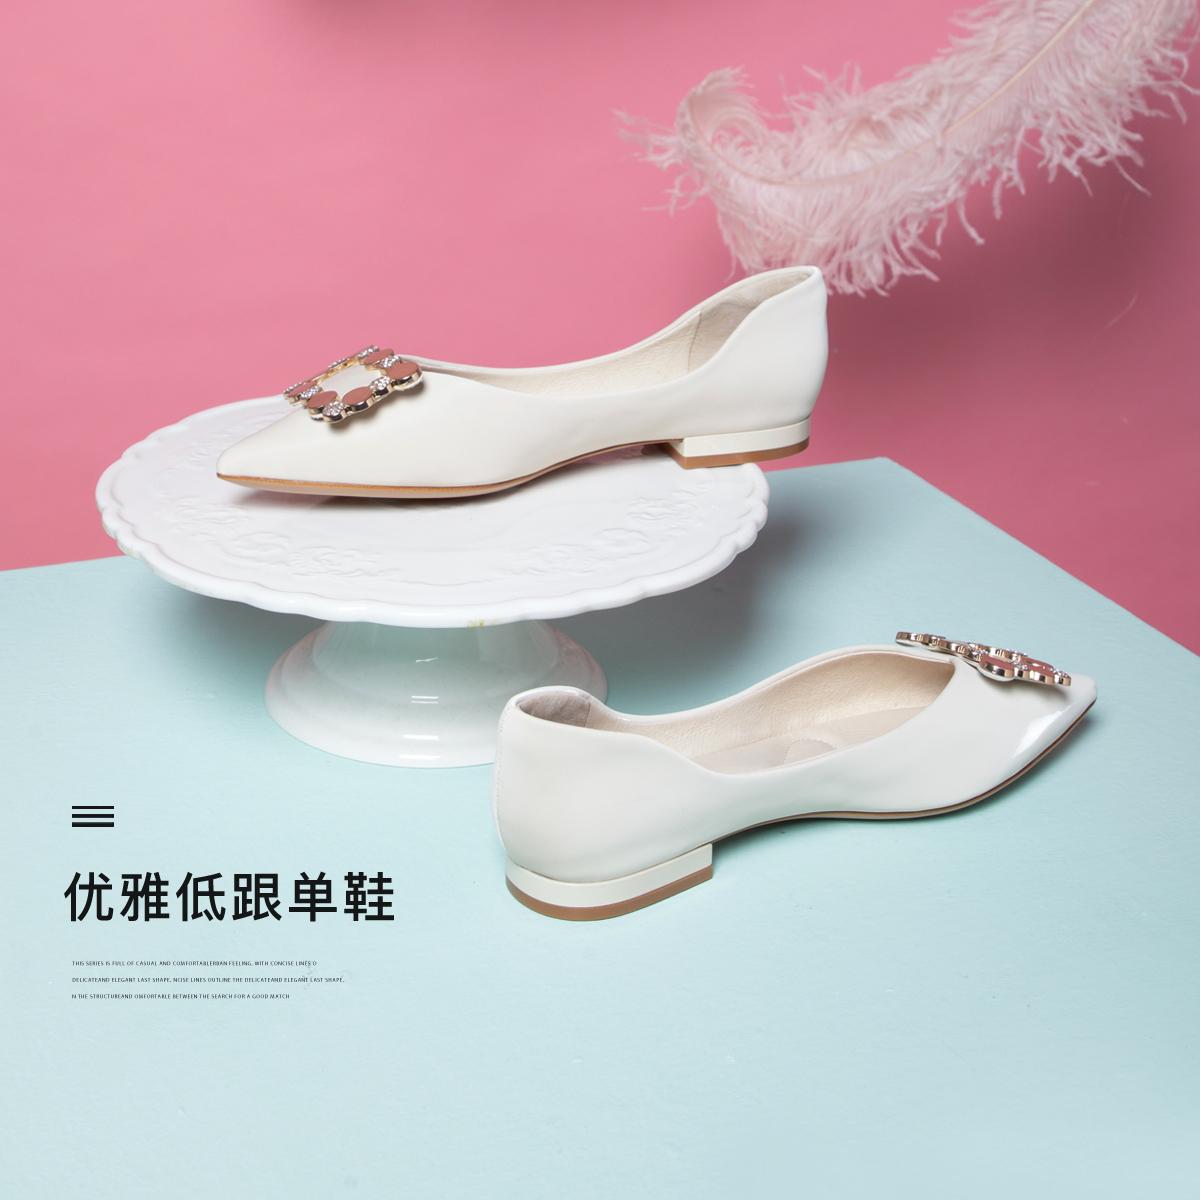 SS11111262 春季新款优雅尖头低平跟奶油鞋女鞋 2021 星期六浅口单鞋